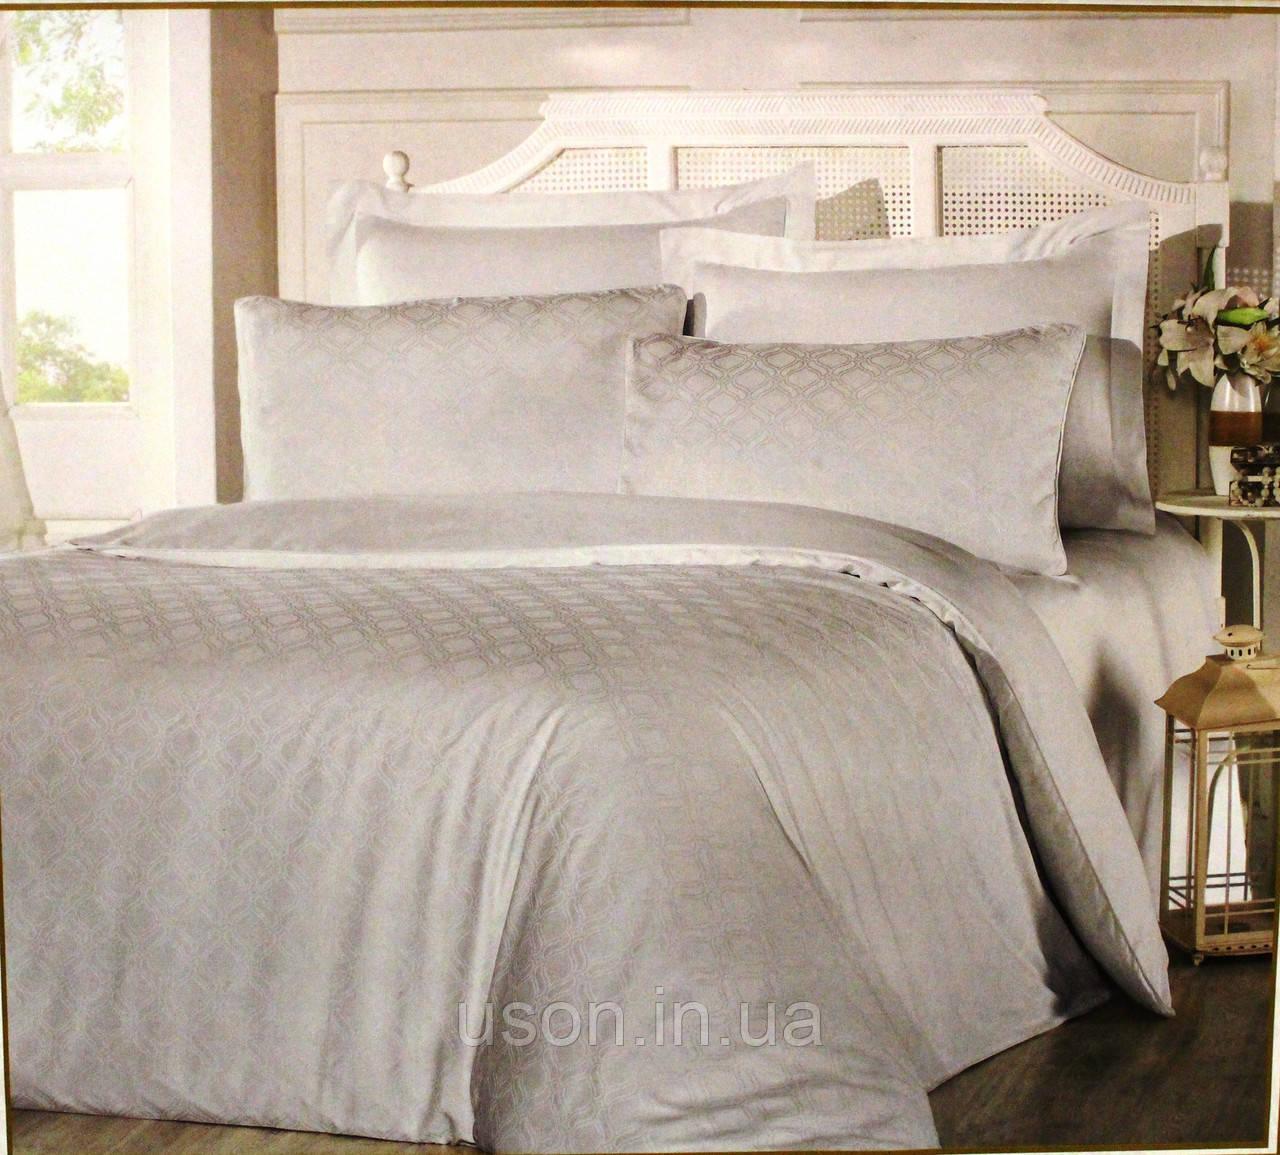 Комплект  постельного белья из  жаккарда евро размер ТМ ALTINBASAK Liya gri